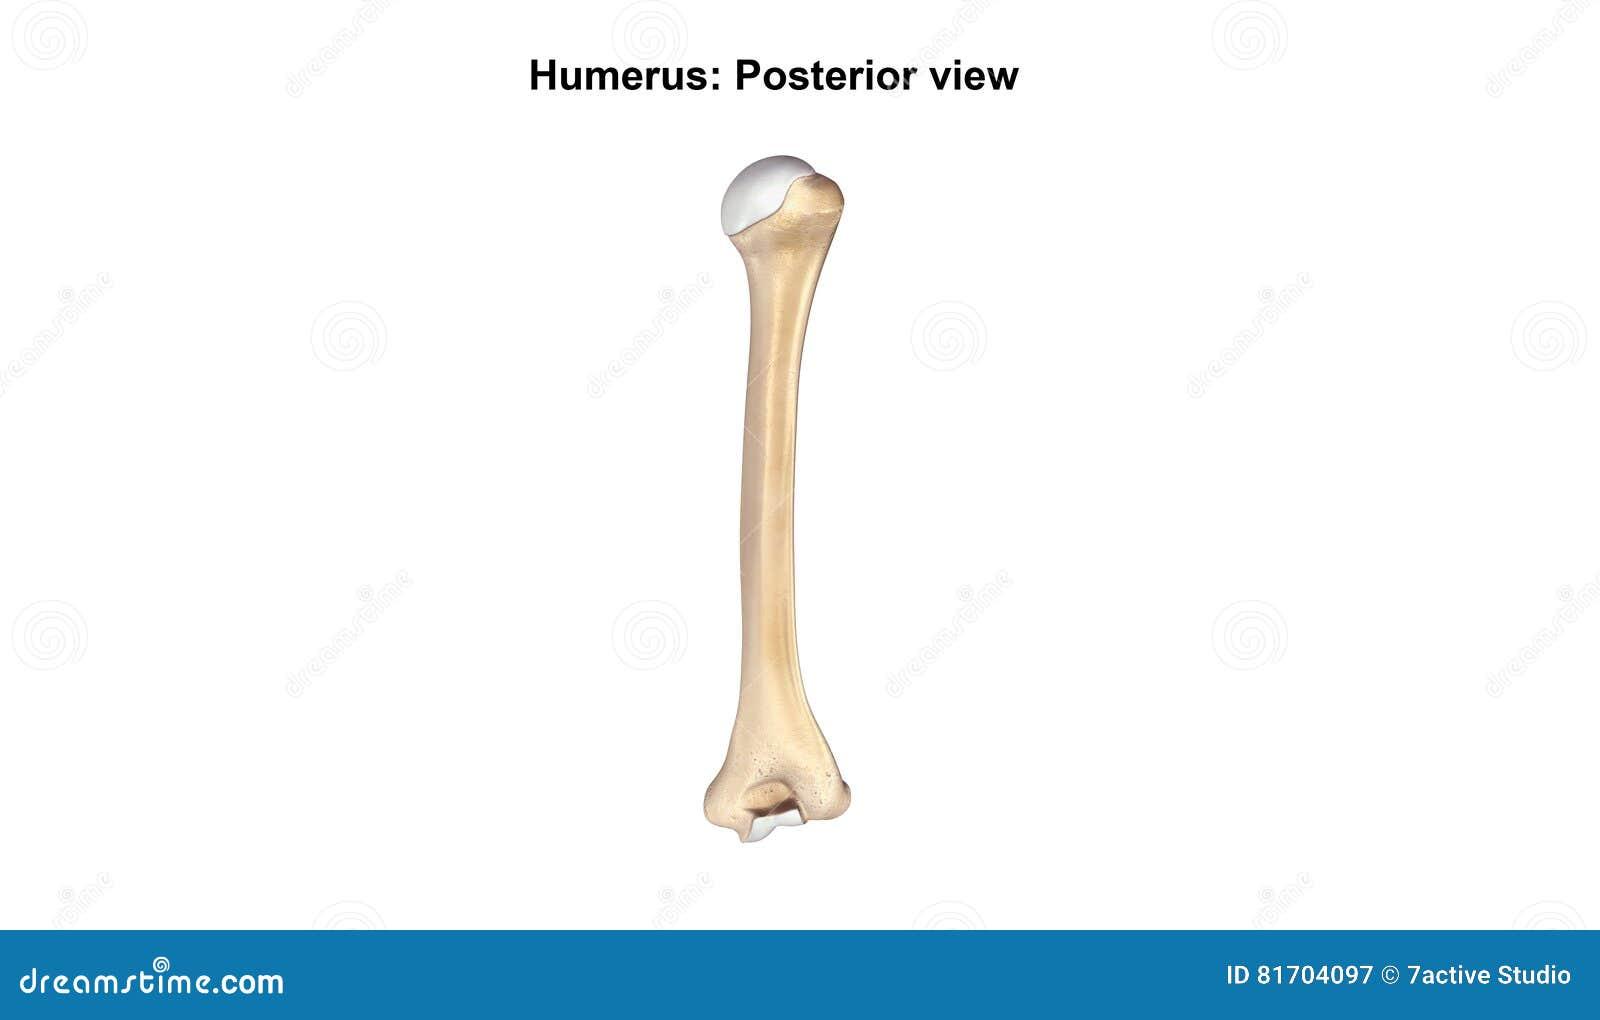 Fein Wo Das Humerusknochen Befindet Fotos - Menschliche Anatomie ...